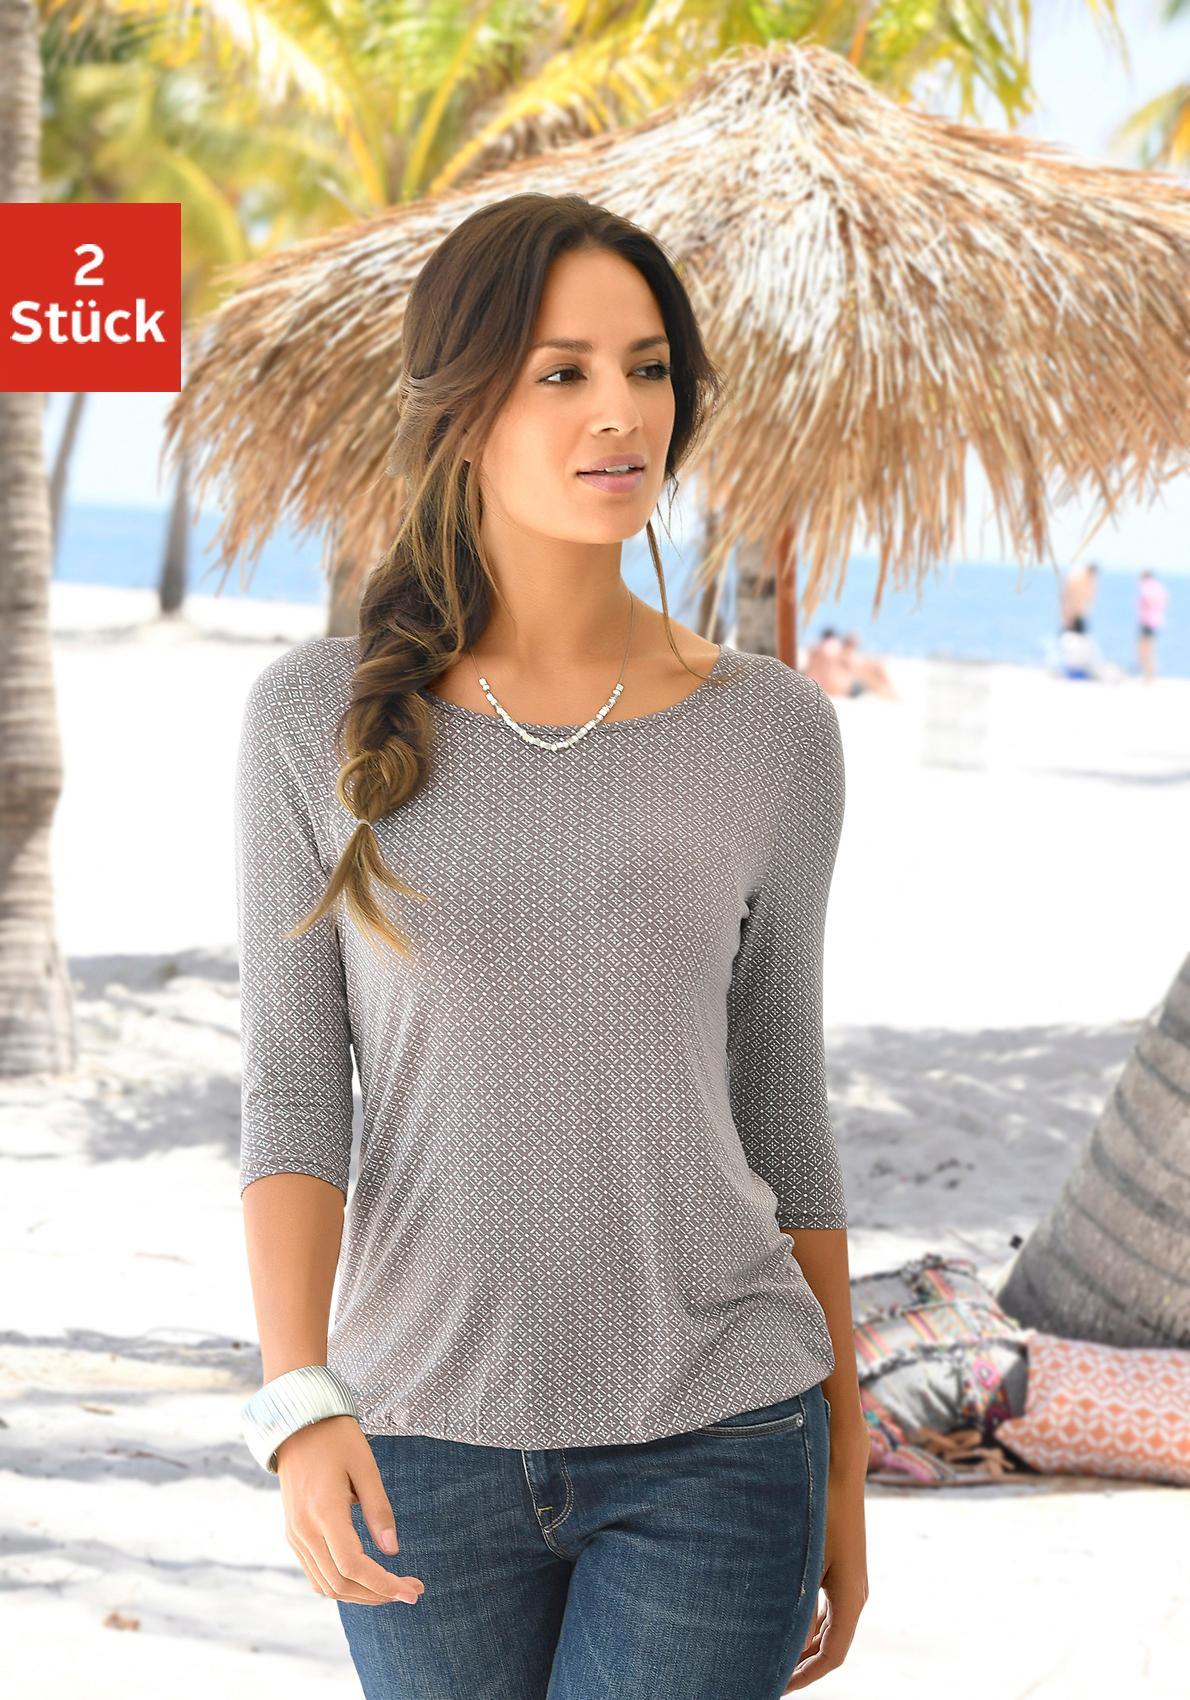 LASCANA Shirt (2 Stück) mit Cut-out im Nacken